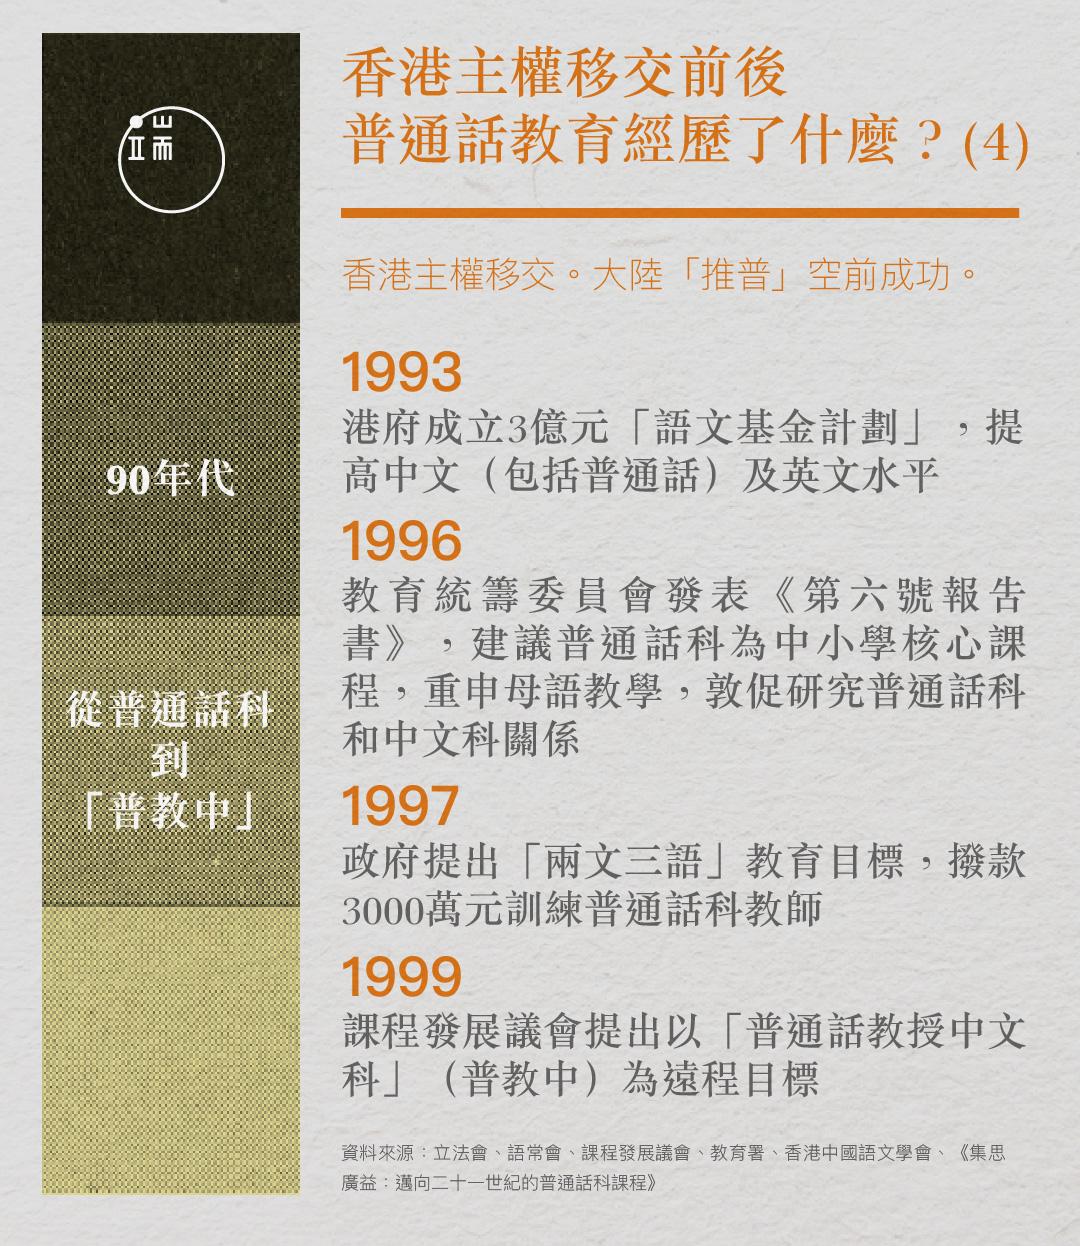 香港主權移交前後,普通話教育經歷了什麼?(4)